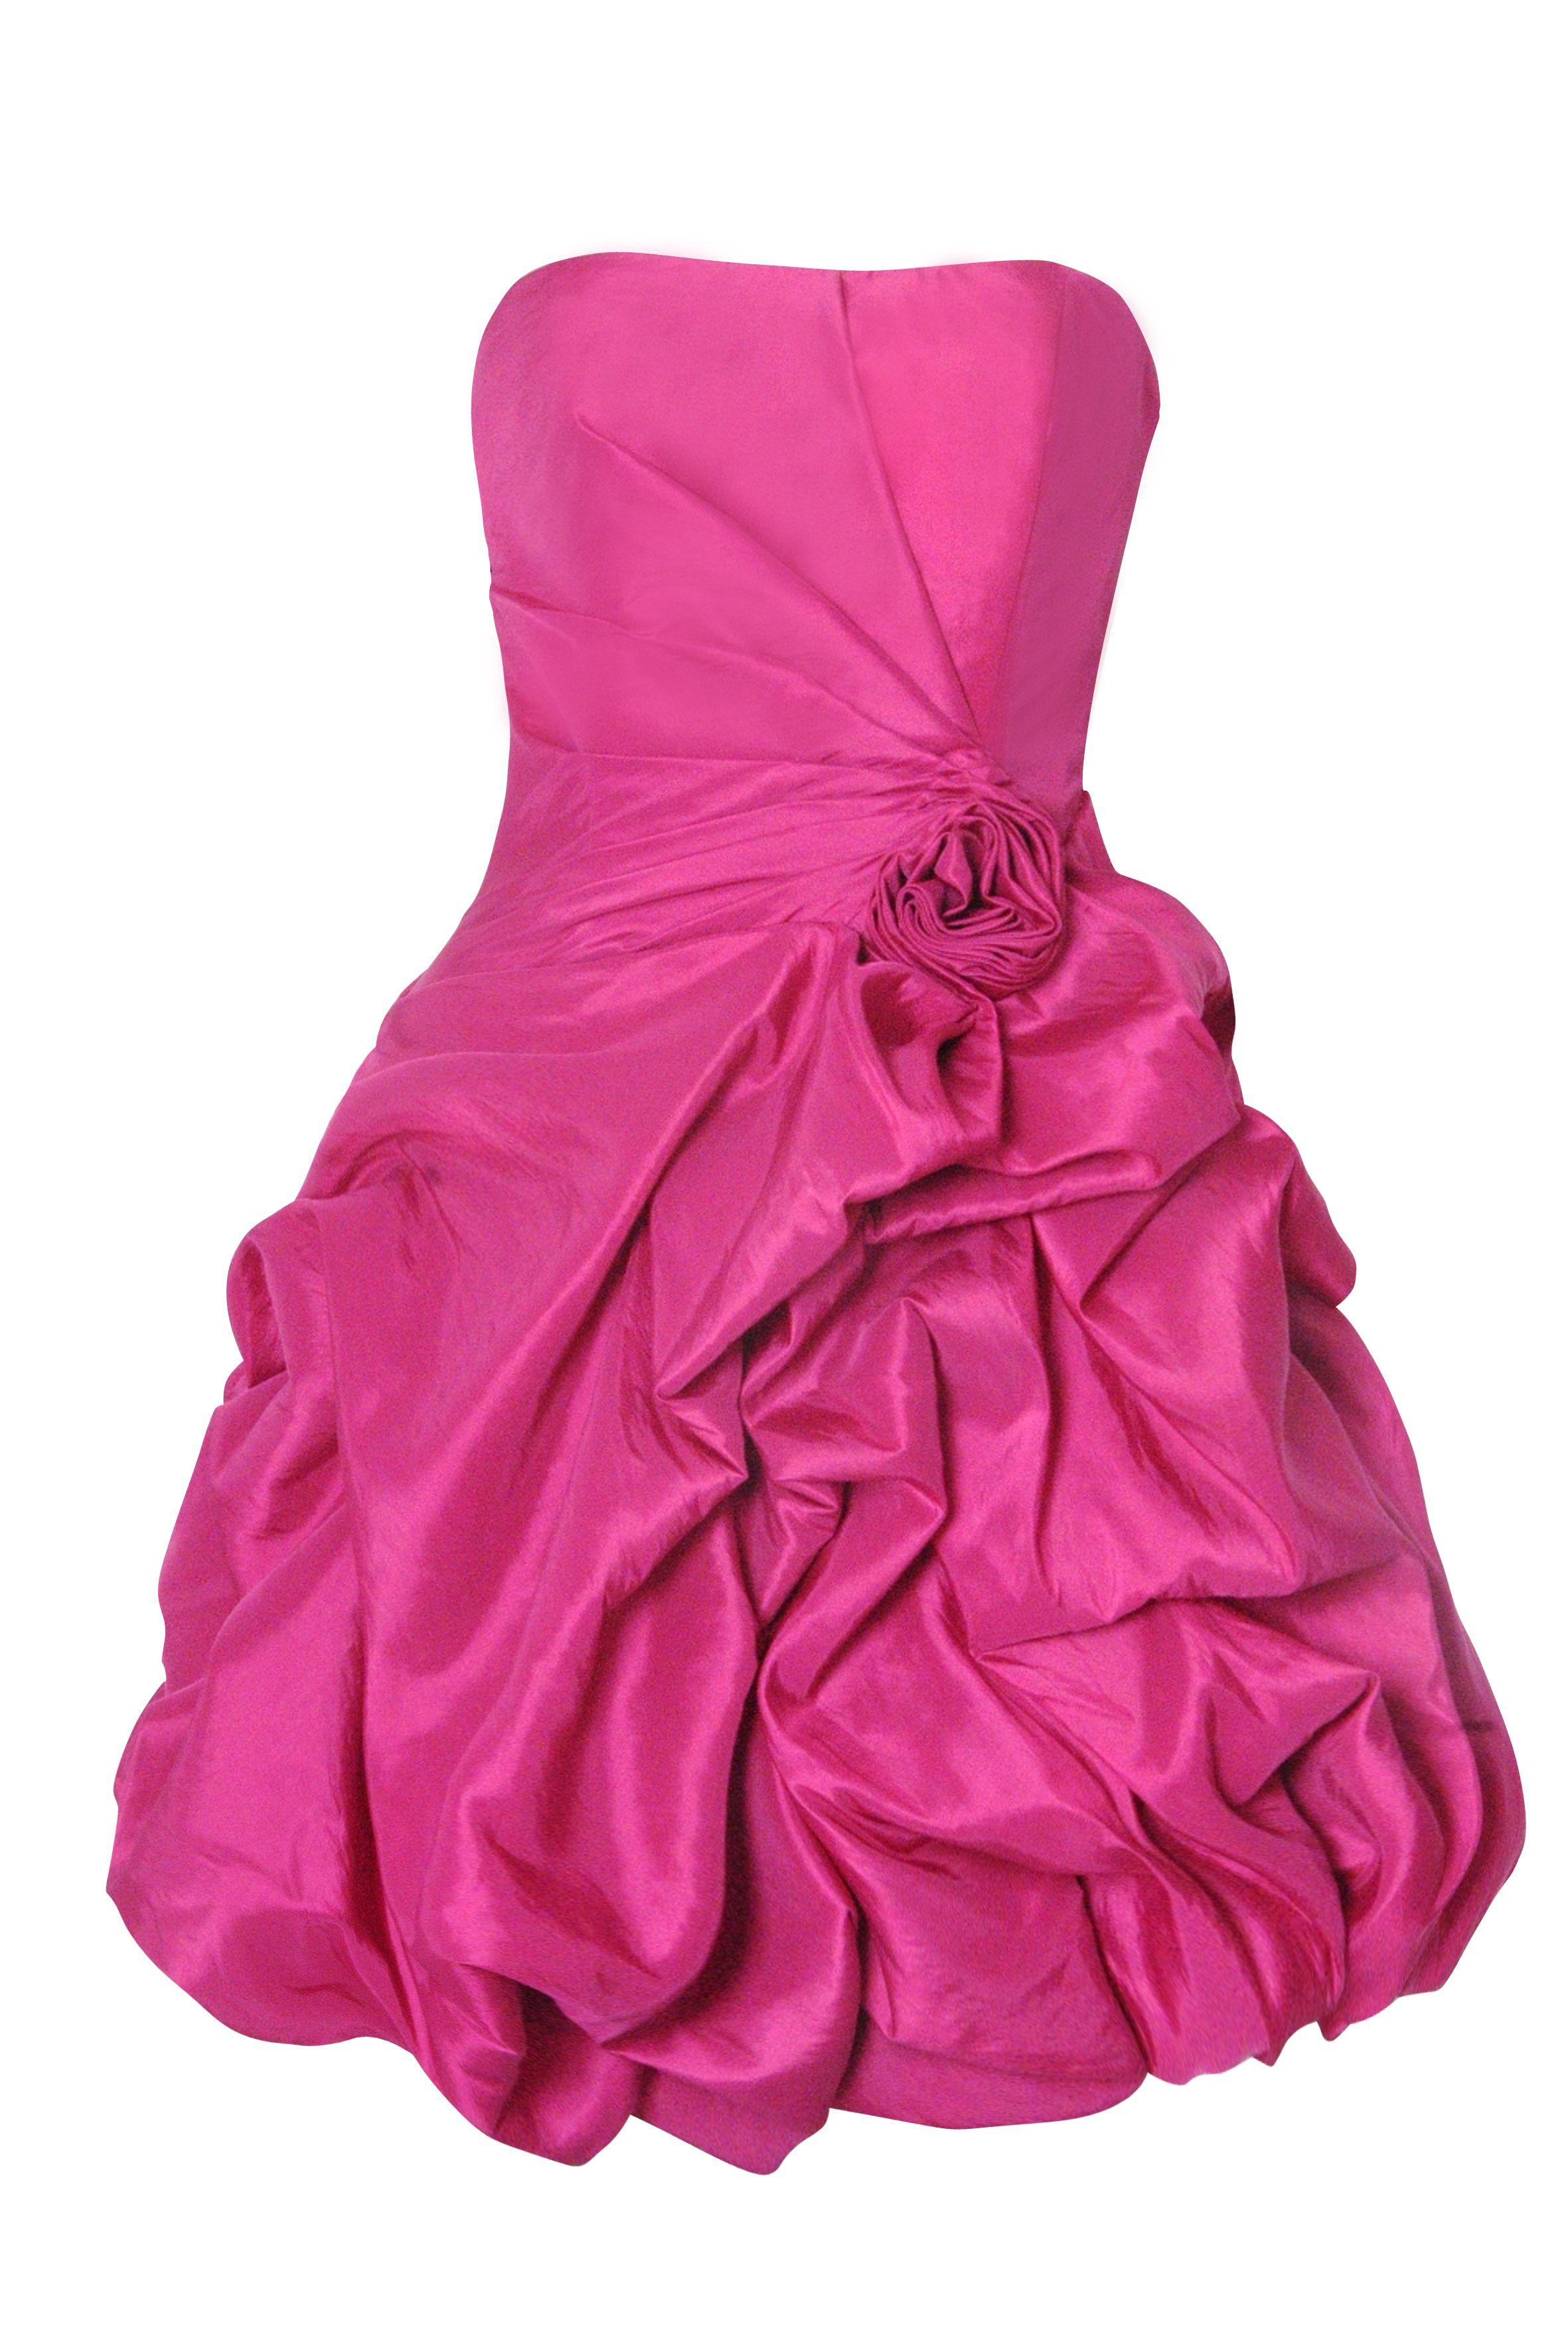 Oleg Cassini Evening Dress | Oleg Cassini Evening Dresses | Pinterest